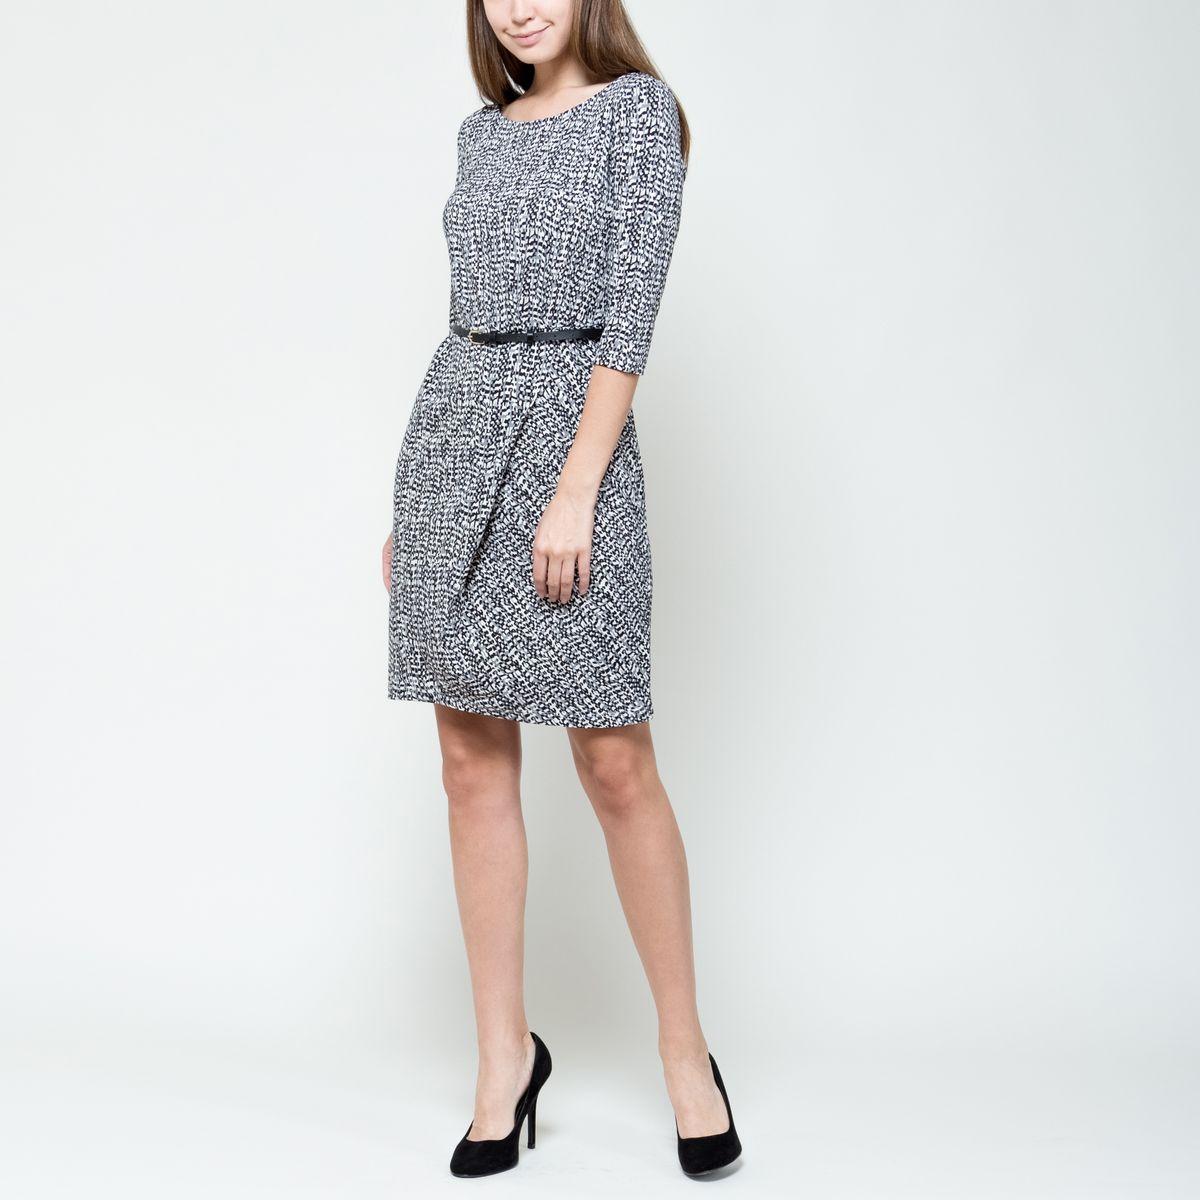 Платье Sela, цвет: черный, серый, белый. DK-117/1017-6391. Размер XS (42)DK-117/1017-6391Модное платье Sela выполнено из эластичного полиэстера.Платье-миди с круглым вырезом горловины и рукавами 3/4 оформлено оригинальным принтом. На талии изделие дополнено стильным ремнем с металлической пряжкой.